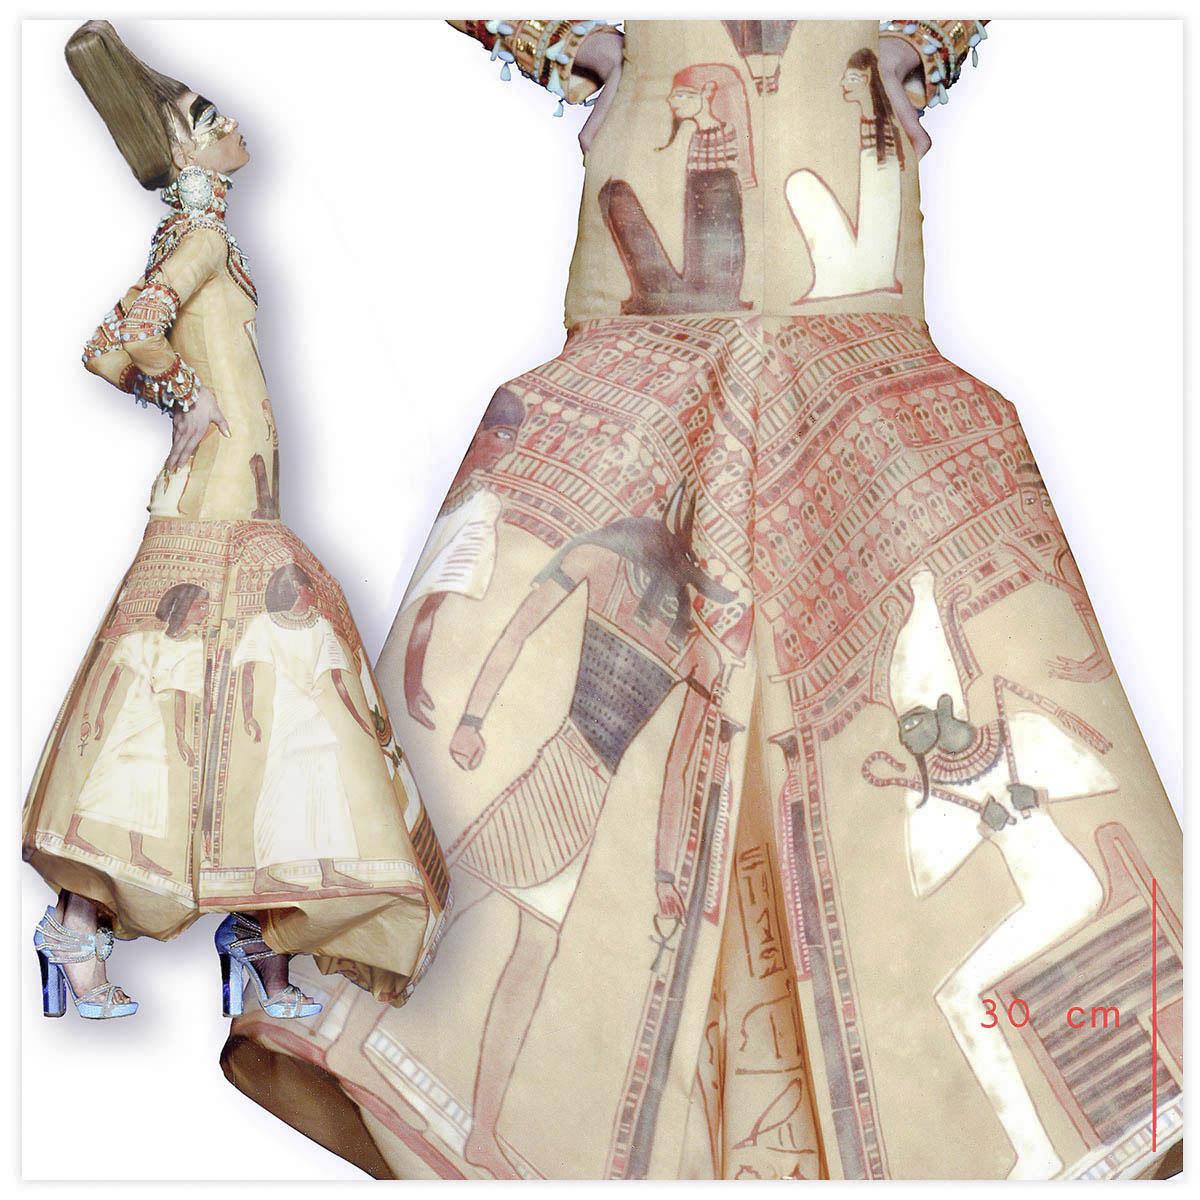 Christian Dior Haute-Couture Défilé 2004 Styliste J. Galliano Aérographe sur tissu à plat